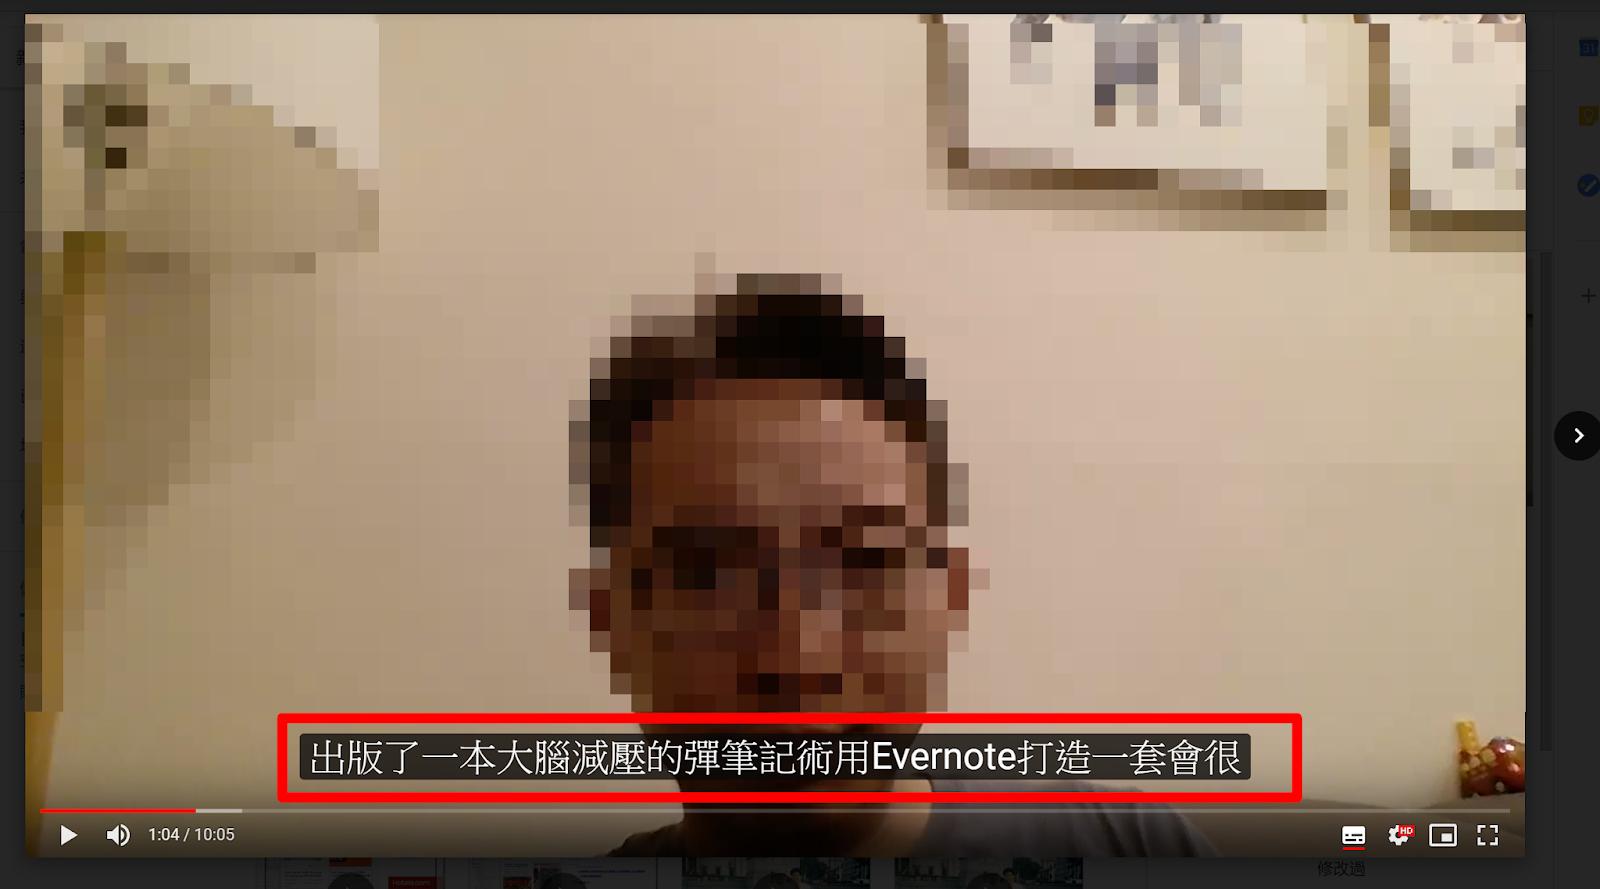 pyTranscriber 影片自動上字幕免費軟體!10分鐘搞定1小時影片